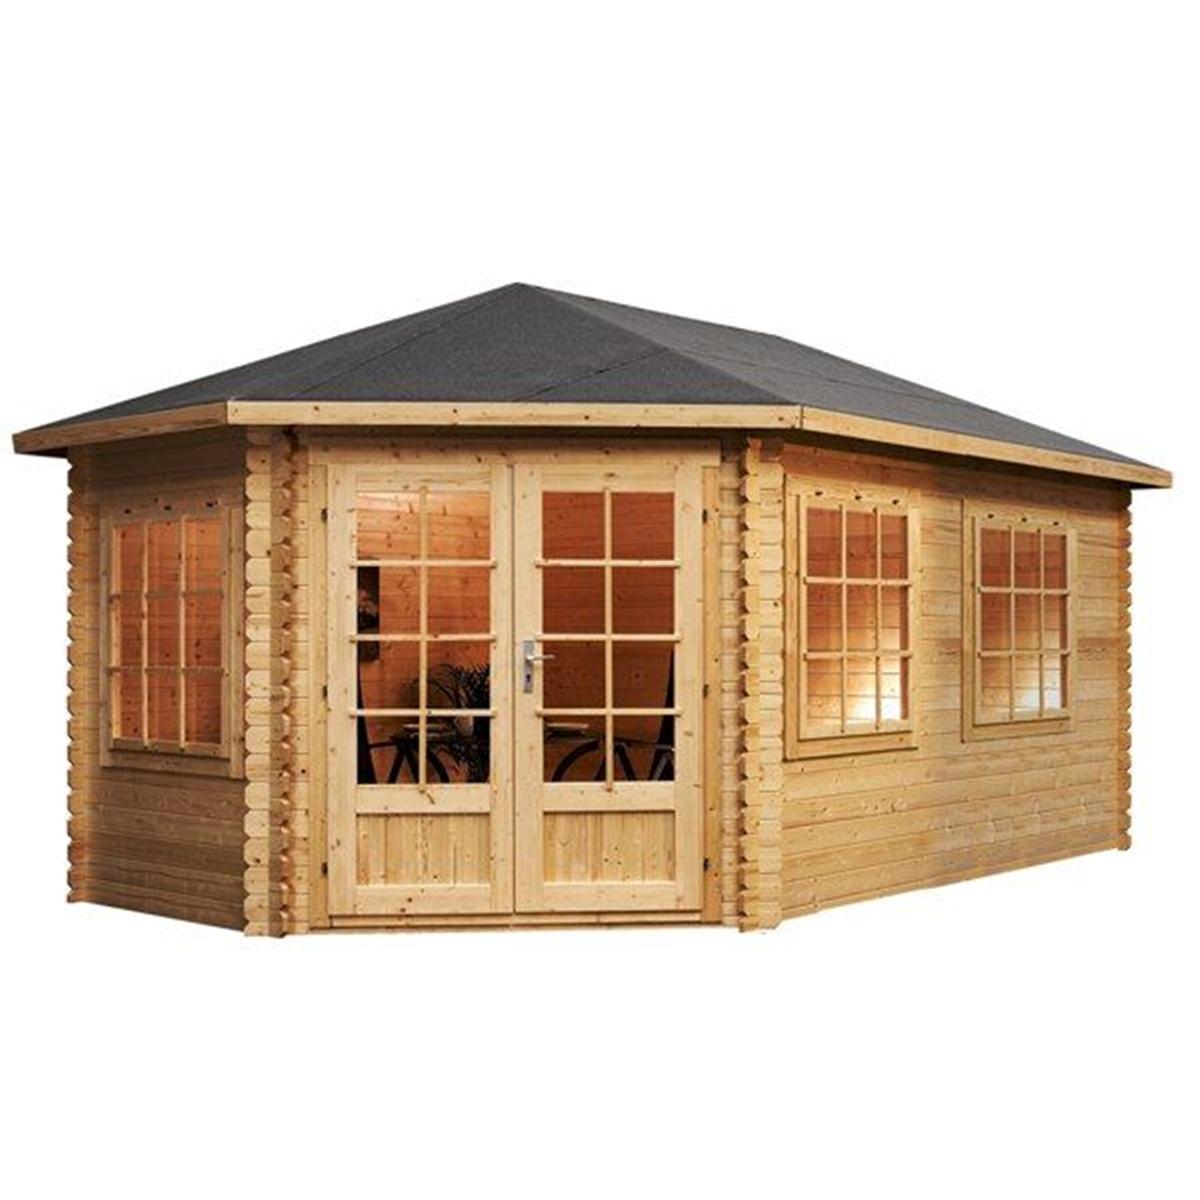 installed 5m x 3m extended corner log cabin single. Black Bedroom Furniture Sets. Home Design Ideas